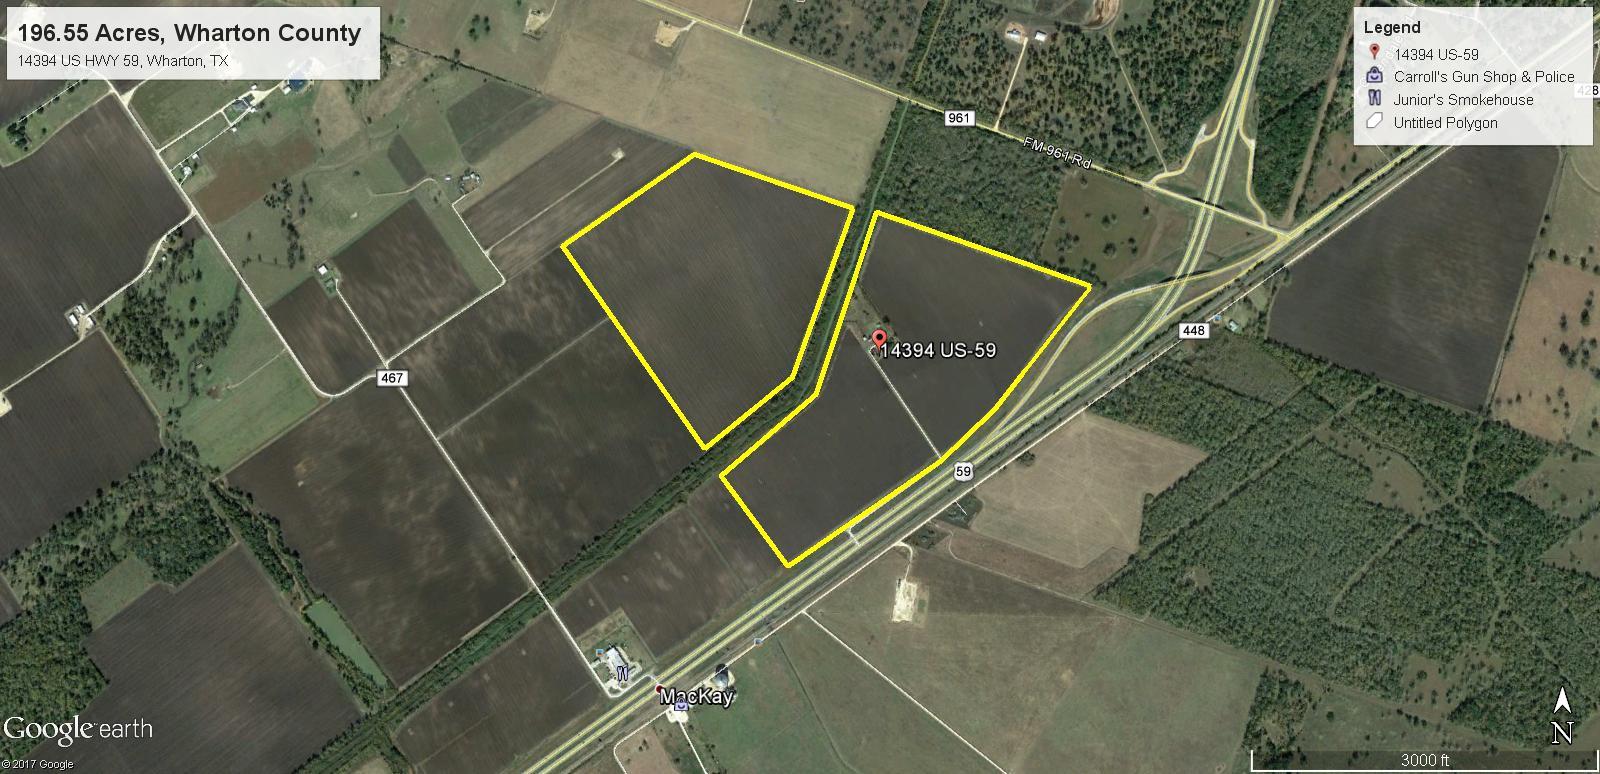 196.55 Acres HWY 59 - 2